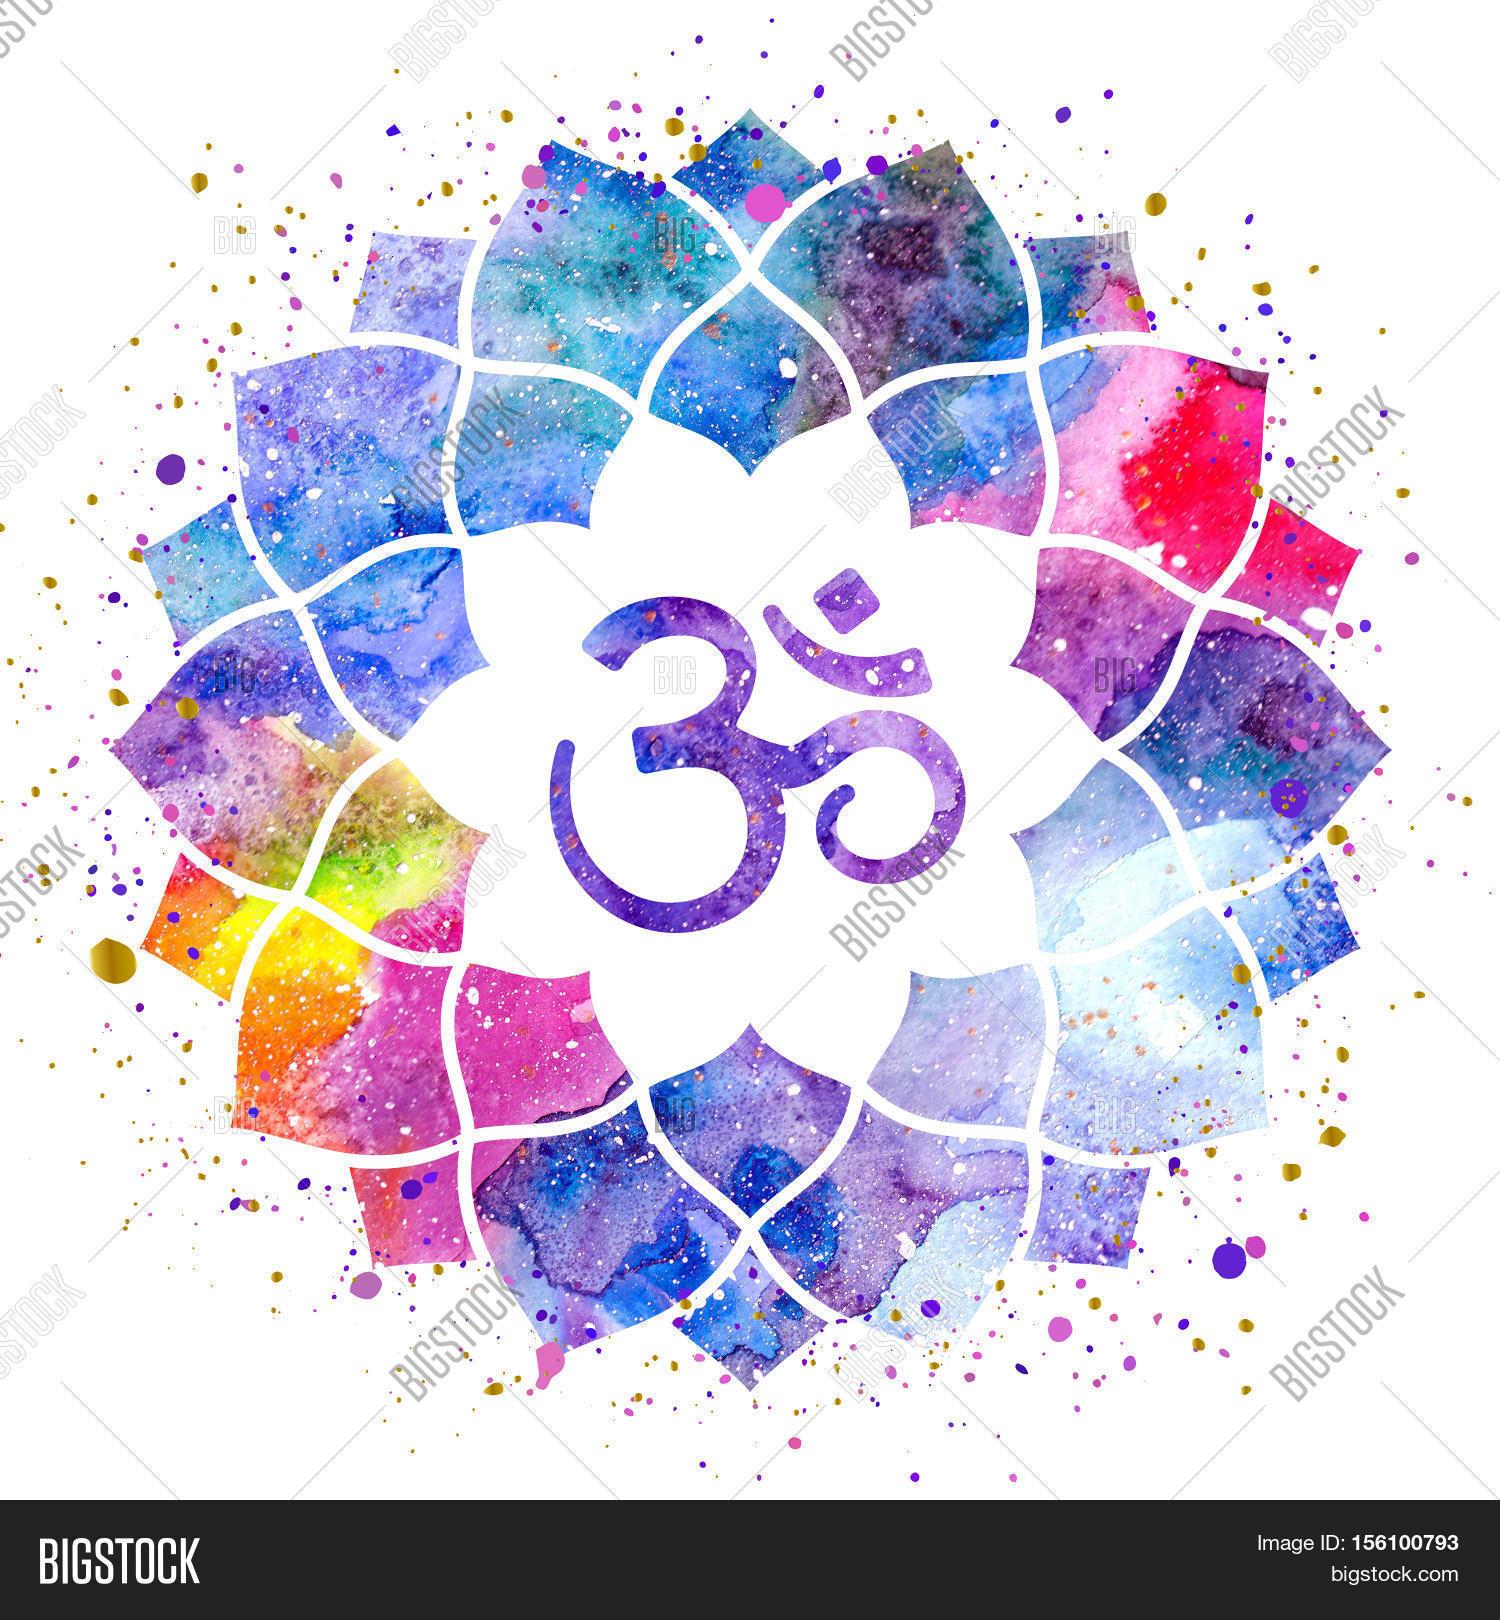 Om sign in lotus flower rainbow watercolor texture and splash om sign in lotus flower rainbow watercolor texture and splash isolated spiritual buddhist hindu dhlflorist Gallery